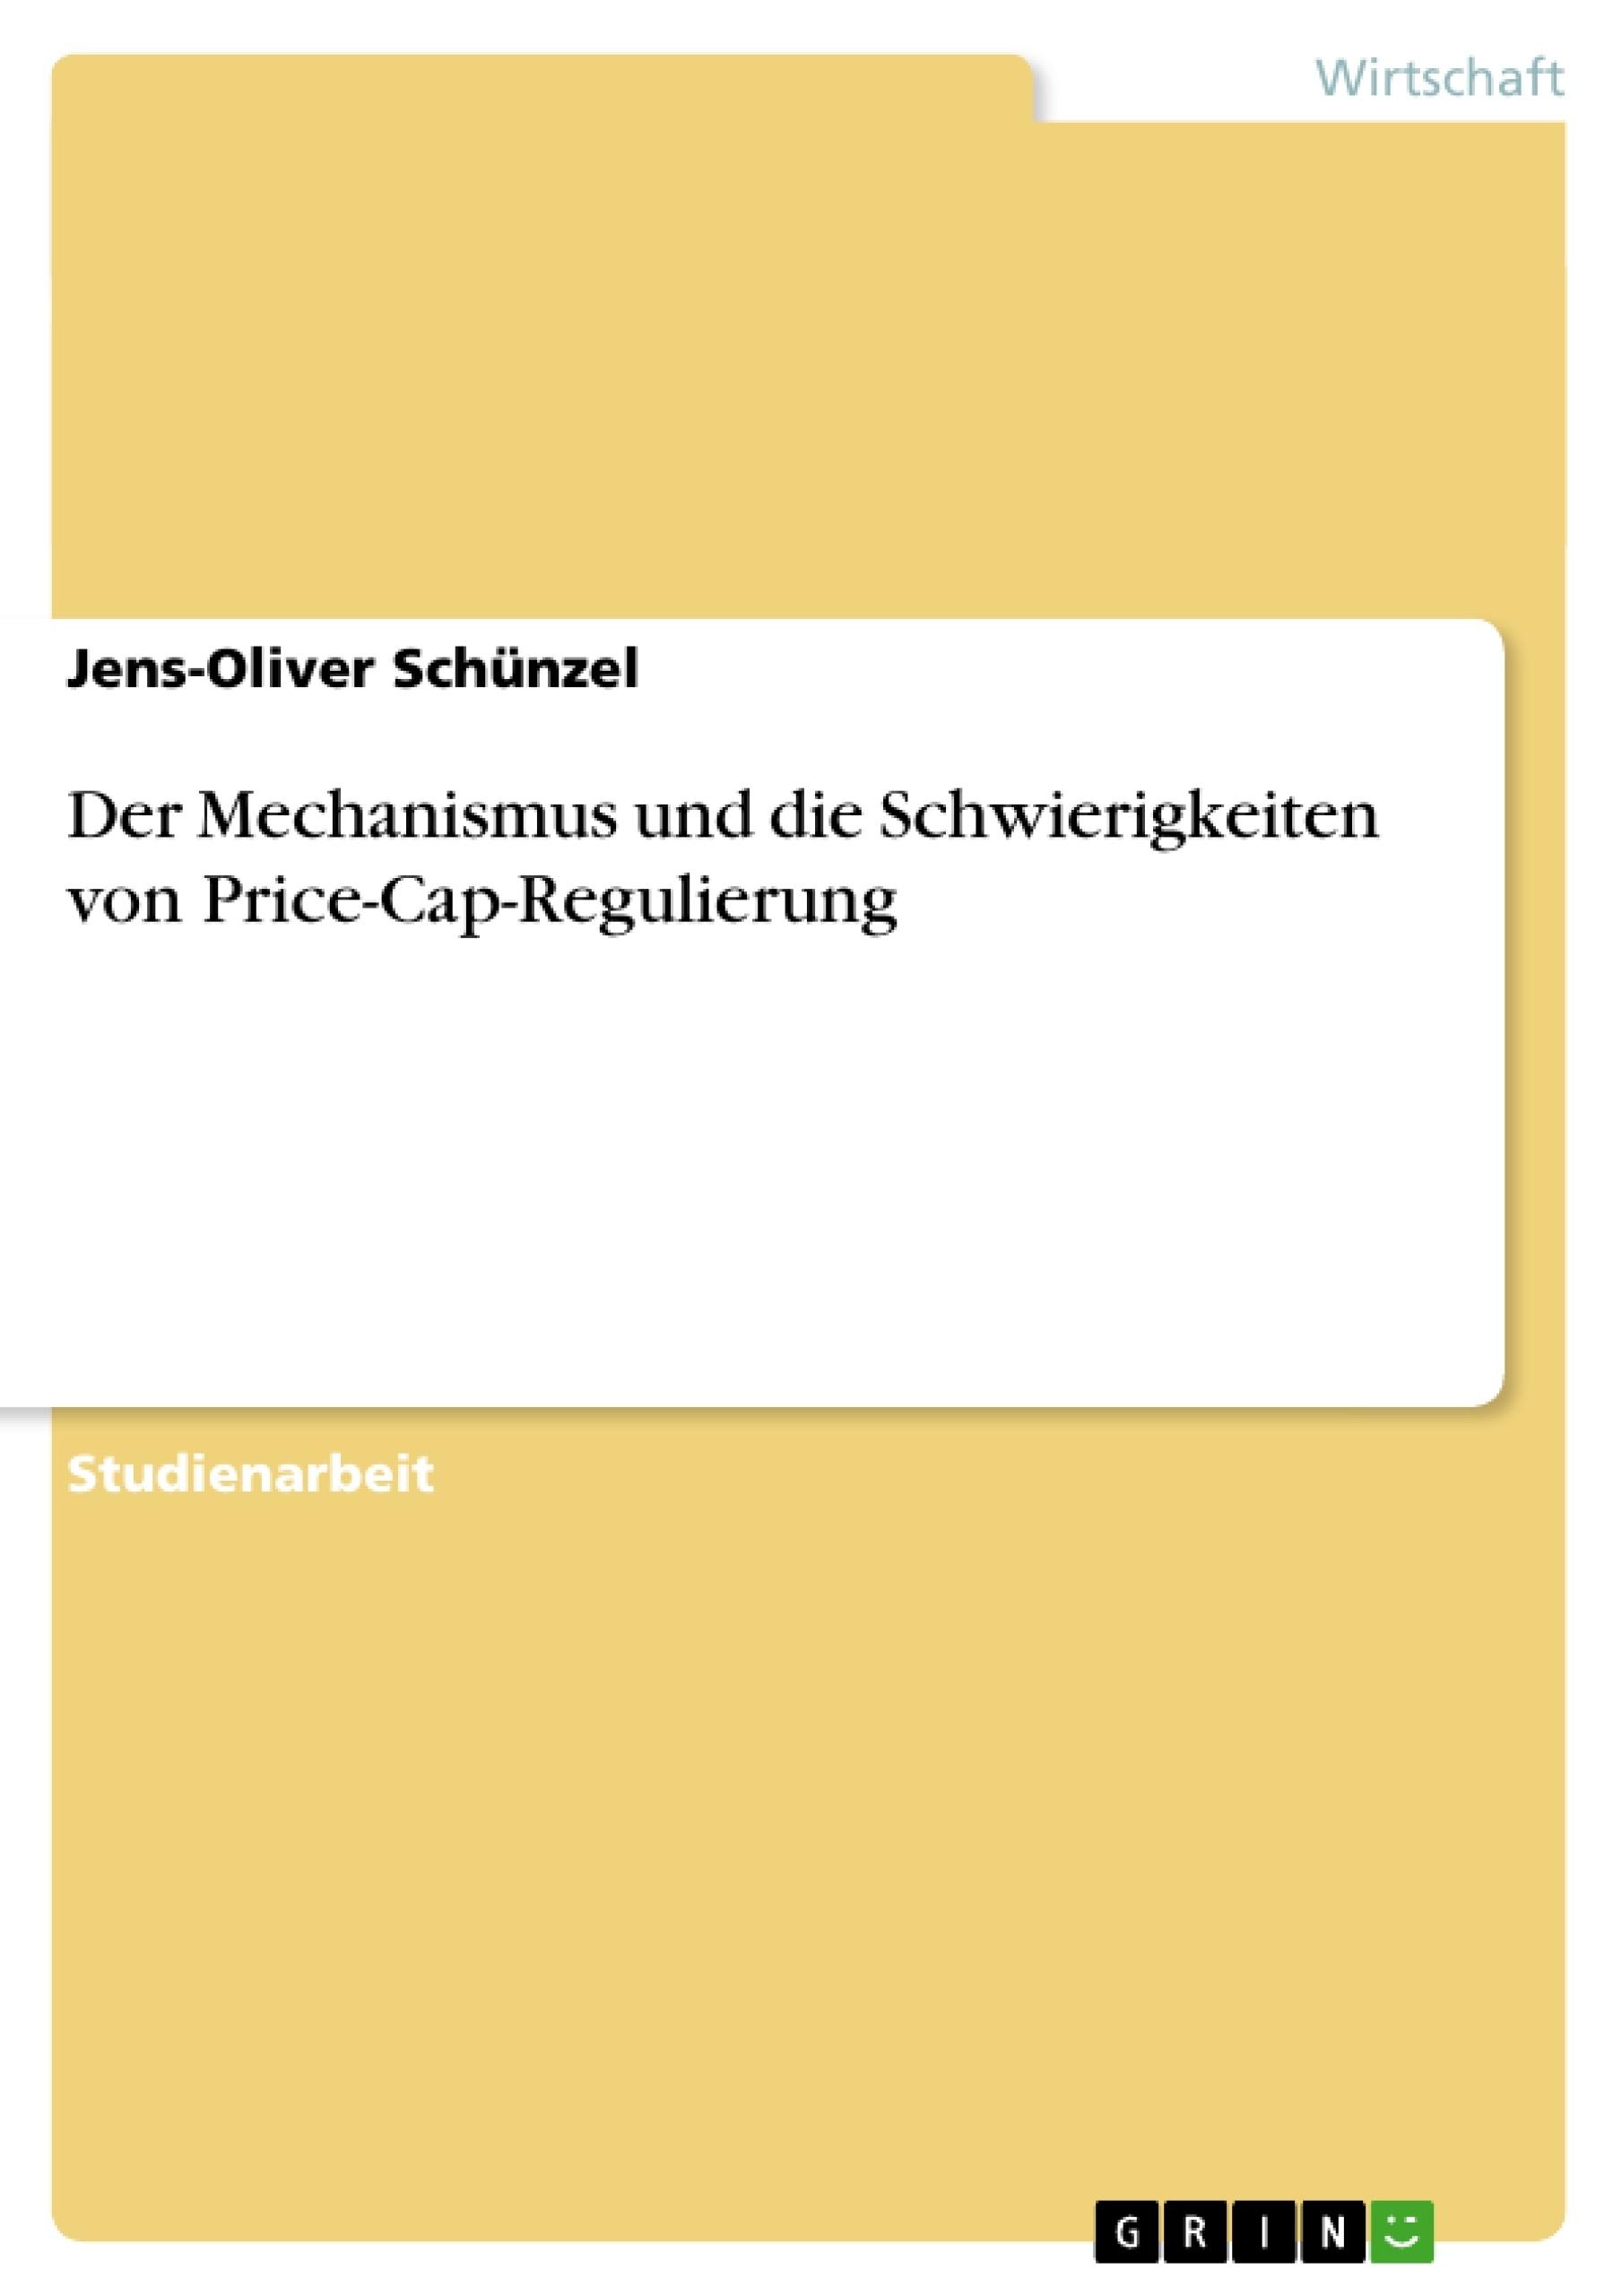 Titel: Der Mechanismus und die Schwierigkeiten von Price-Cap-Regulierung